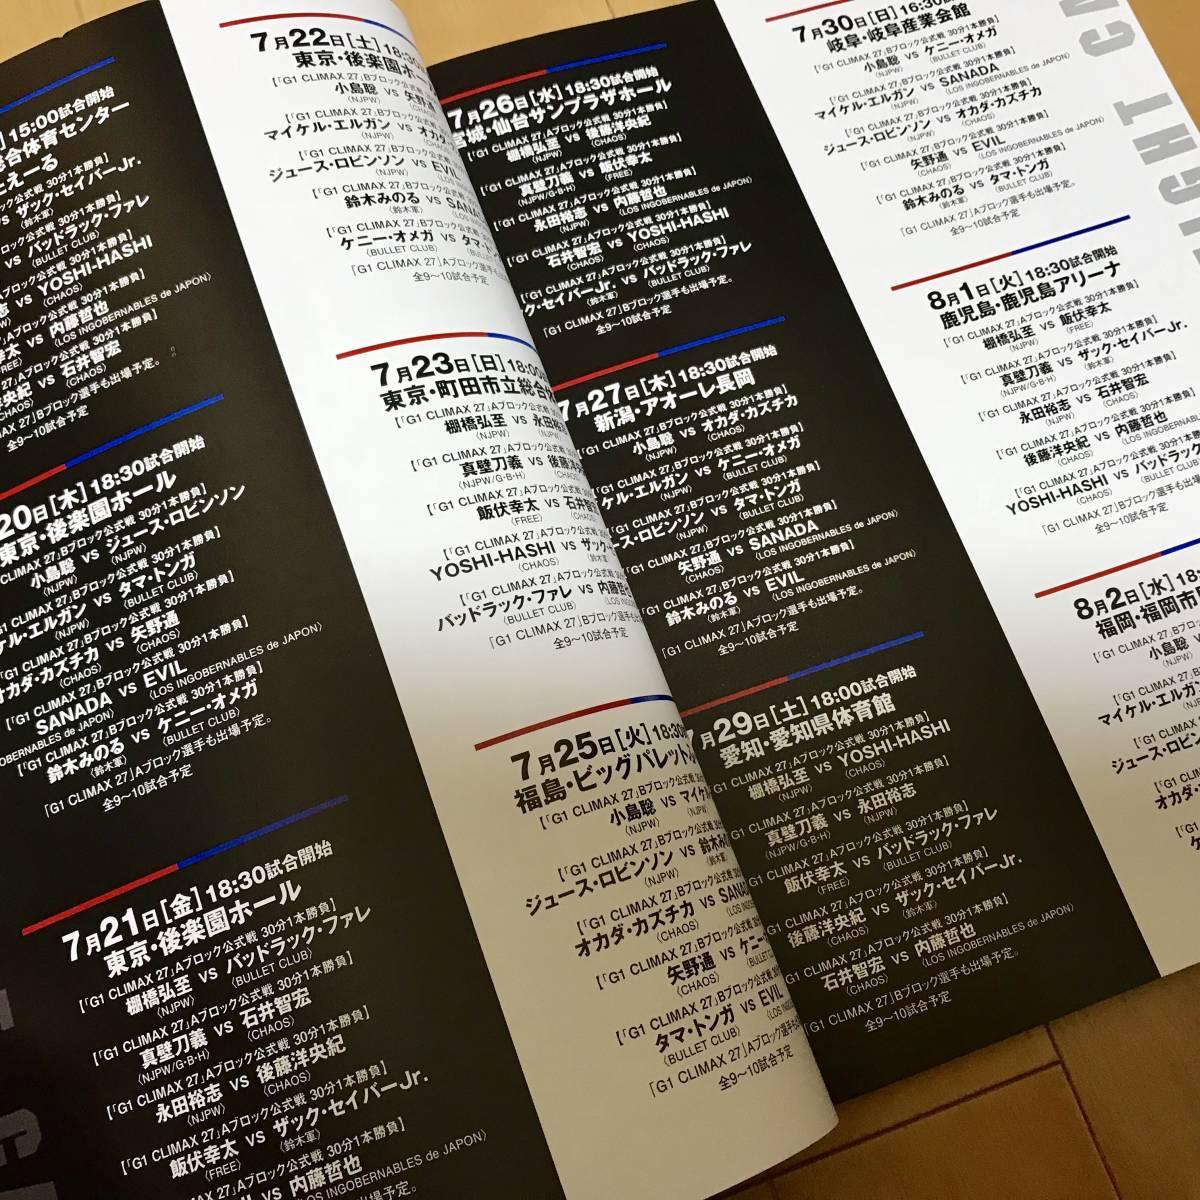 新日本プロレス パンフレット G1CLIMAX27 内藤哲也 オカダカズチカ 棚橋弘至 ケニーオメガ 飯伏幸太_画像7